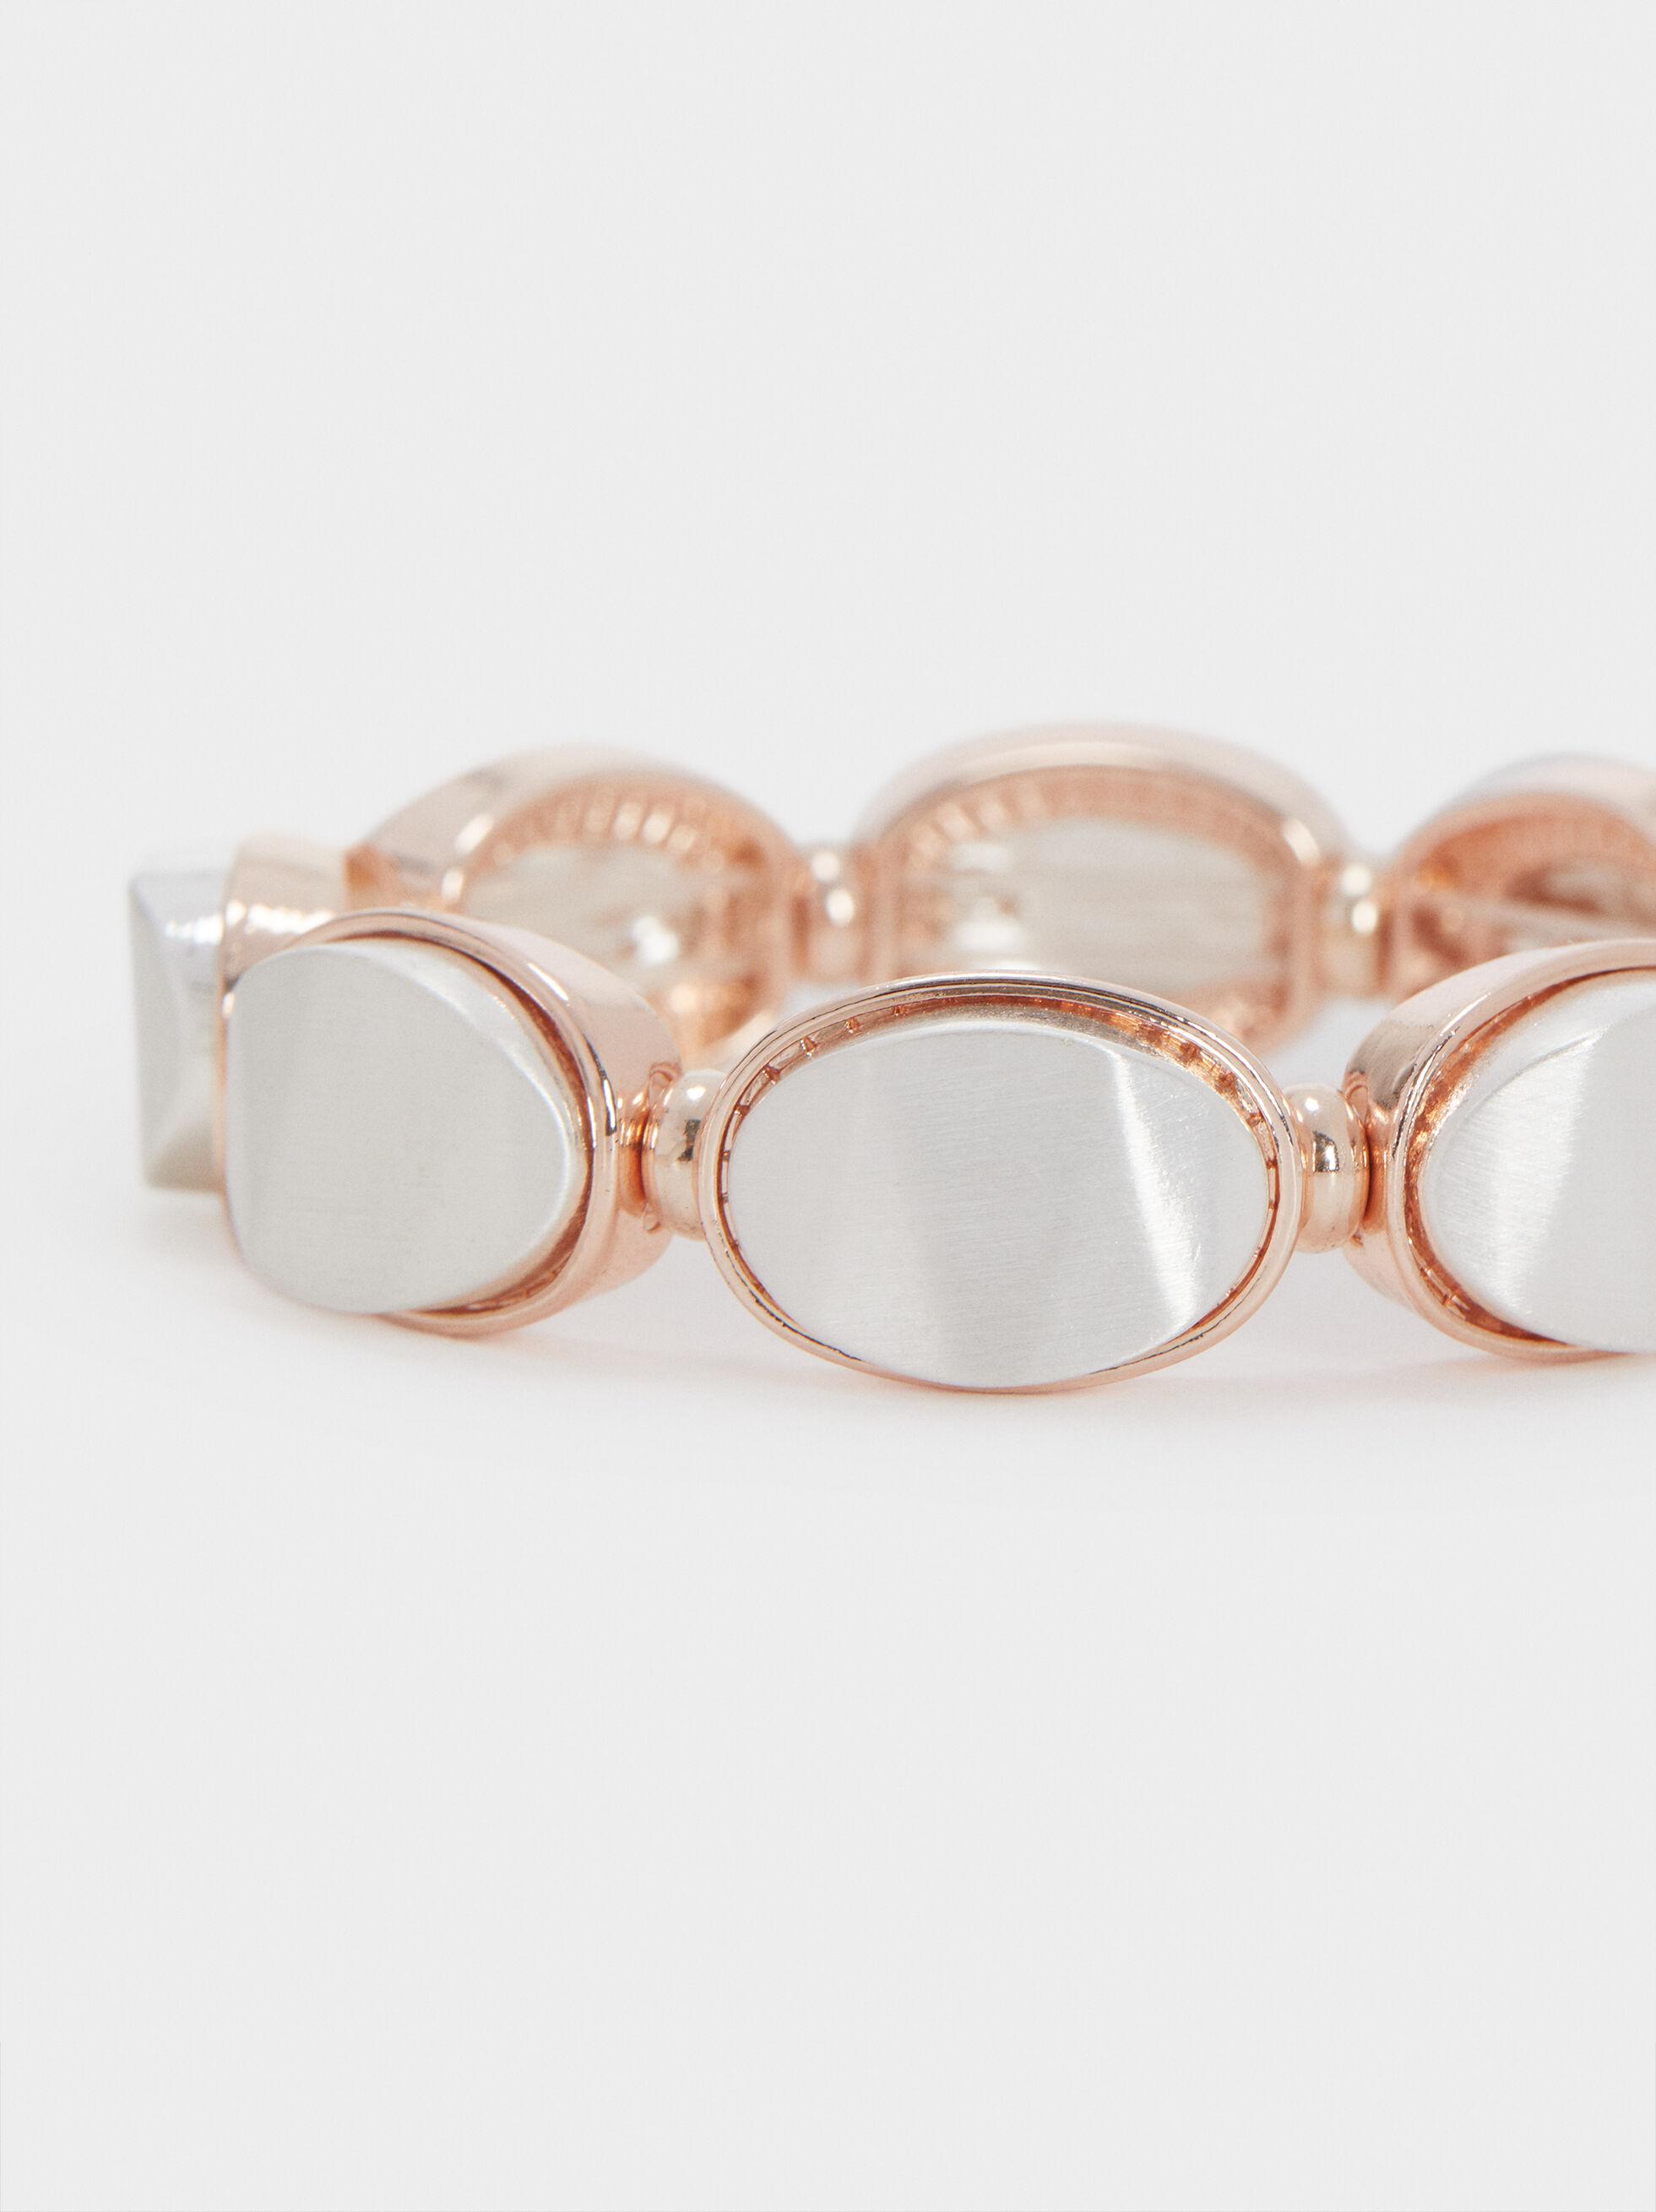 Adjustable Silver-Toned Bracelet, Silver, hi-res